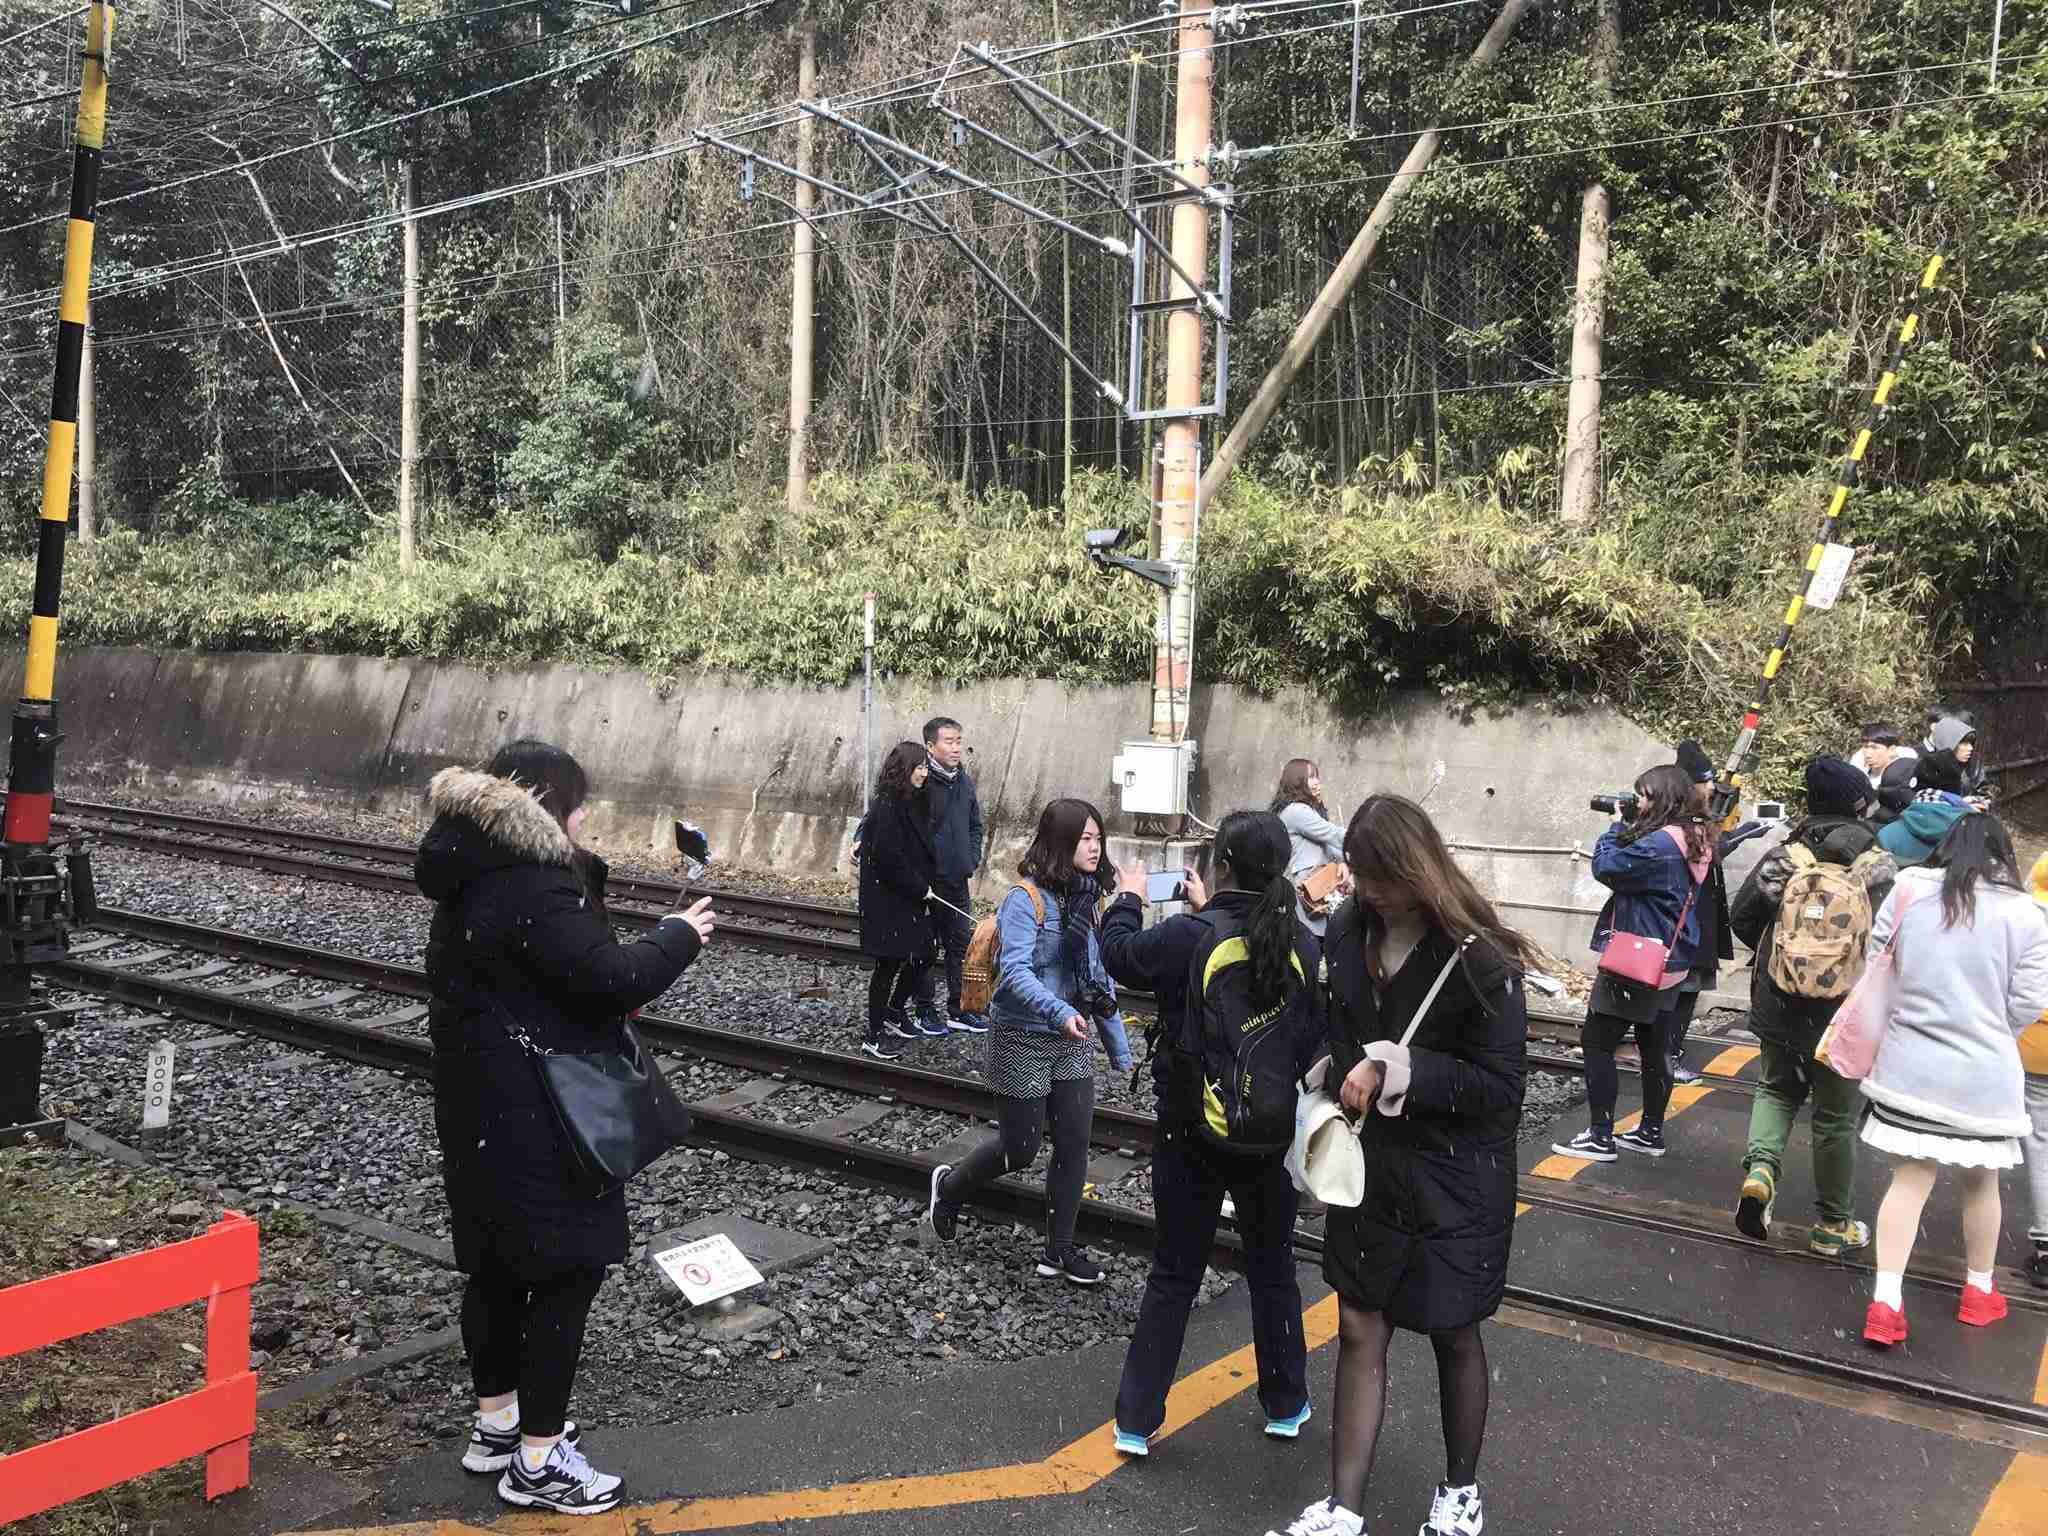 松本伊代と早見優「線路侵入」の踏切、かえって観光名所化? 撮影相次ぎ、警察「絶対にやめて」